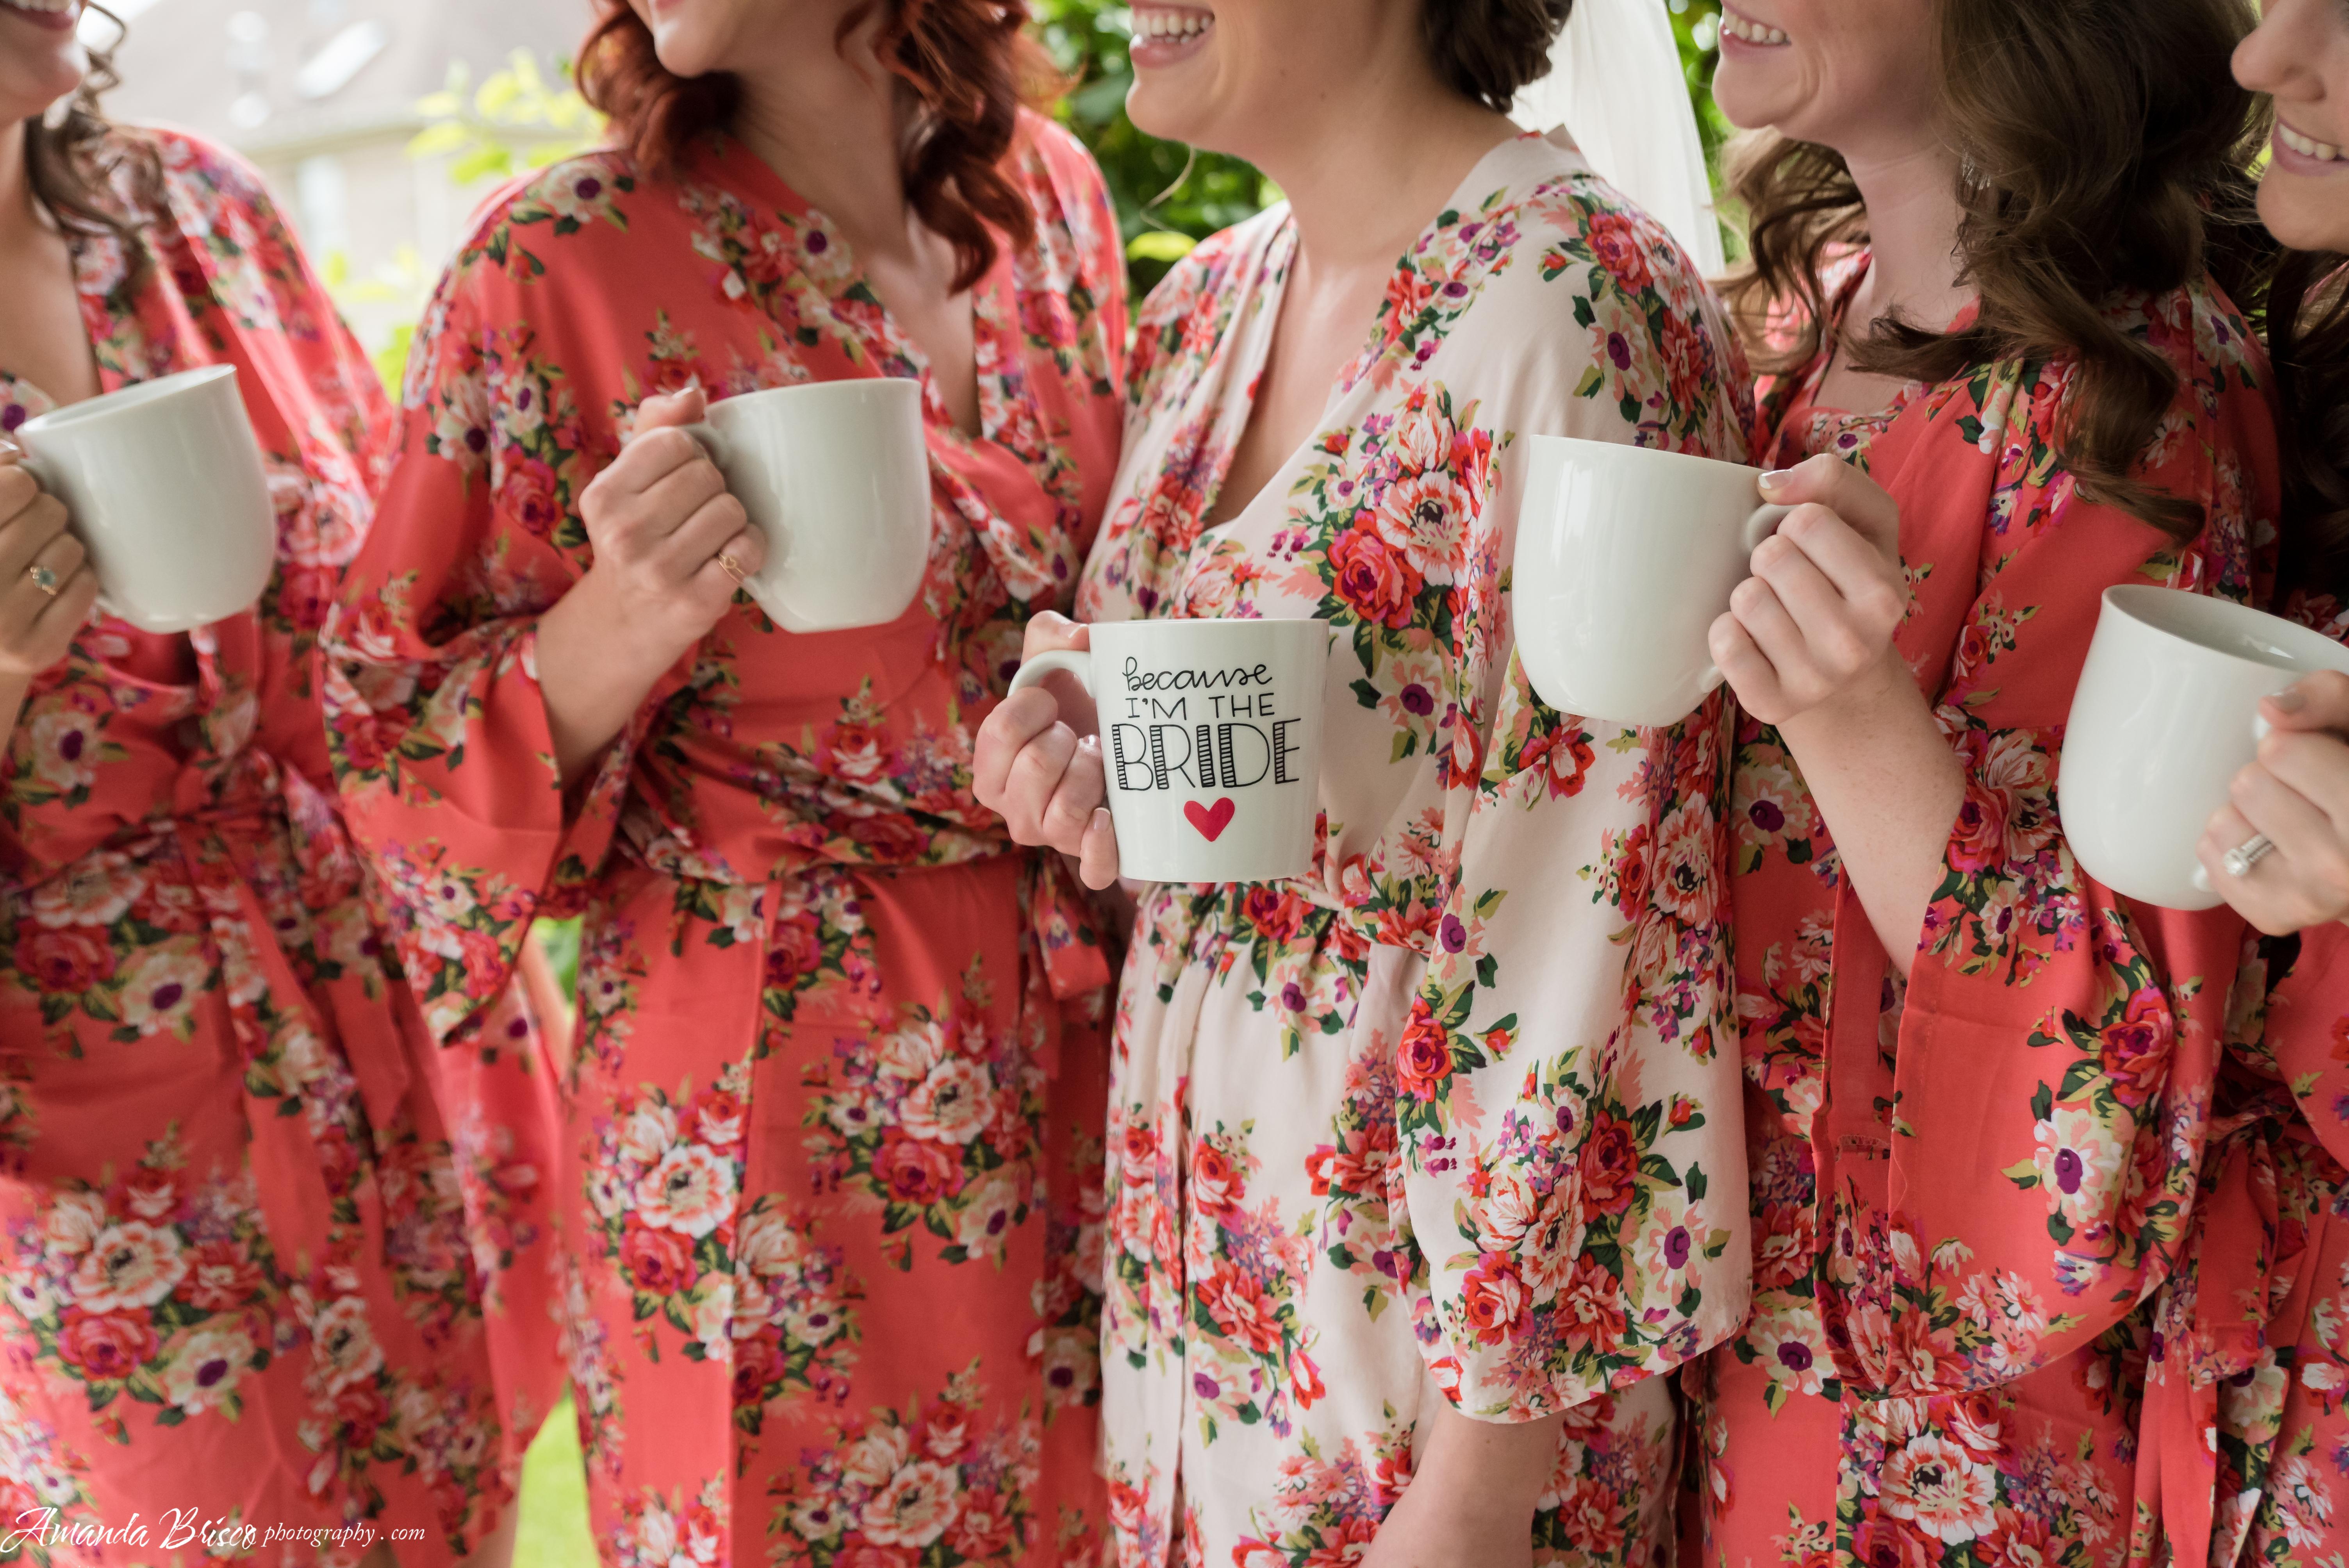 Bridesmaids with Floral Robes and I'm the Bride Mug Amanda Brisco Photography bridesmaidsconfession.com